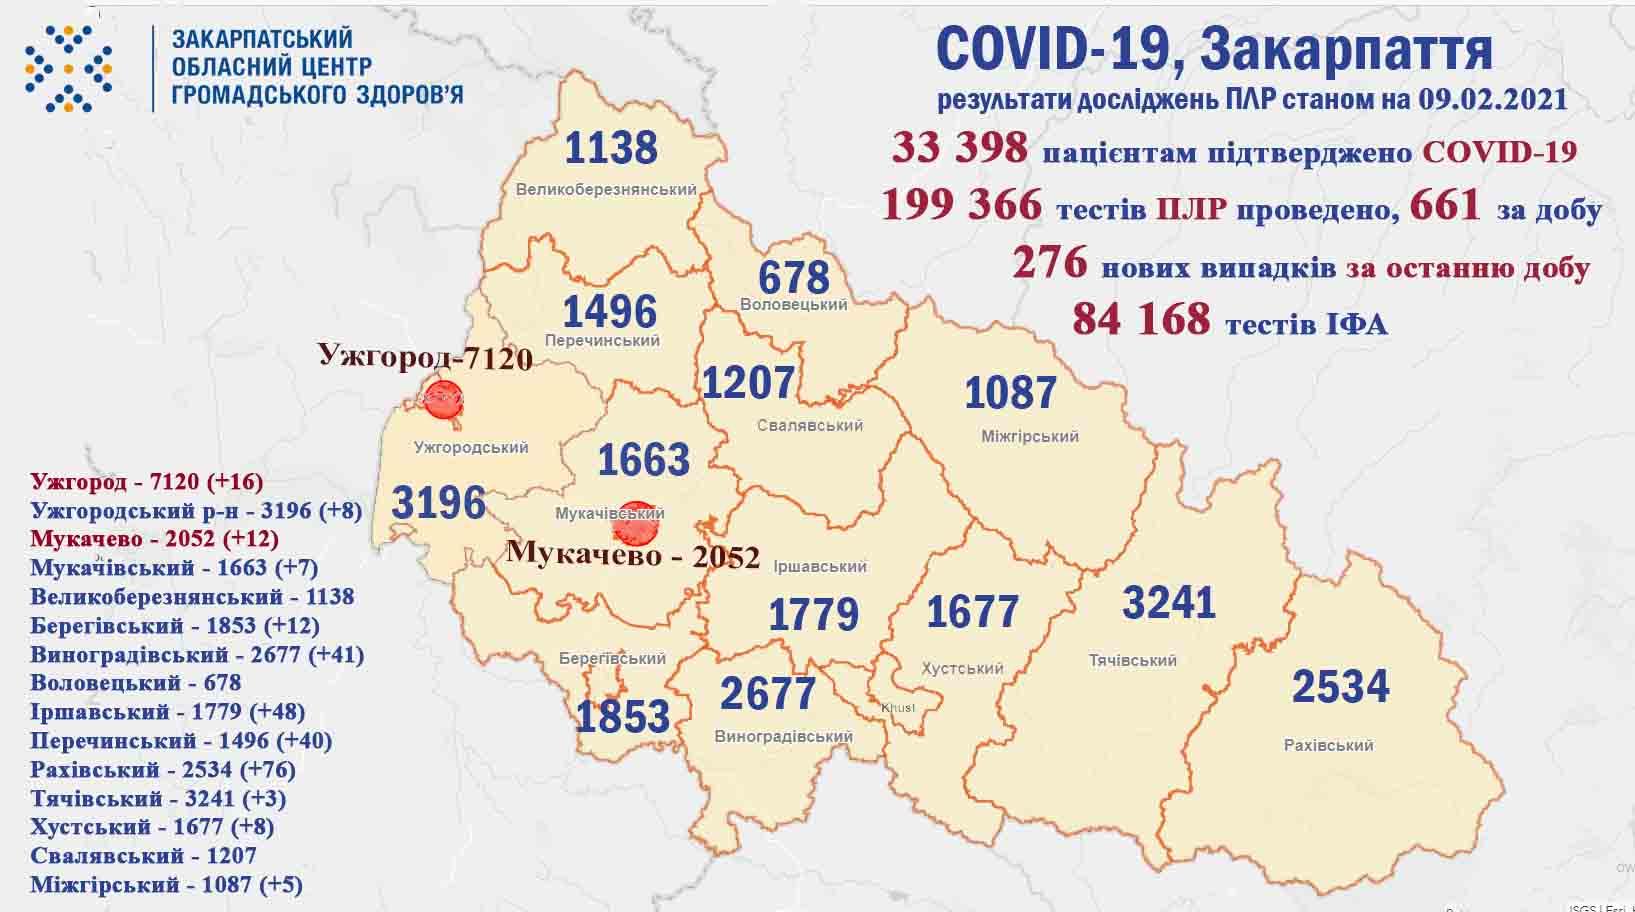 Закарпаття по темпу поширення коронавірусу вийшло на друге місце в Україні